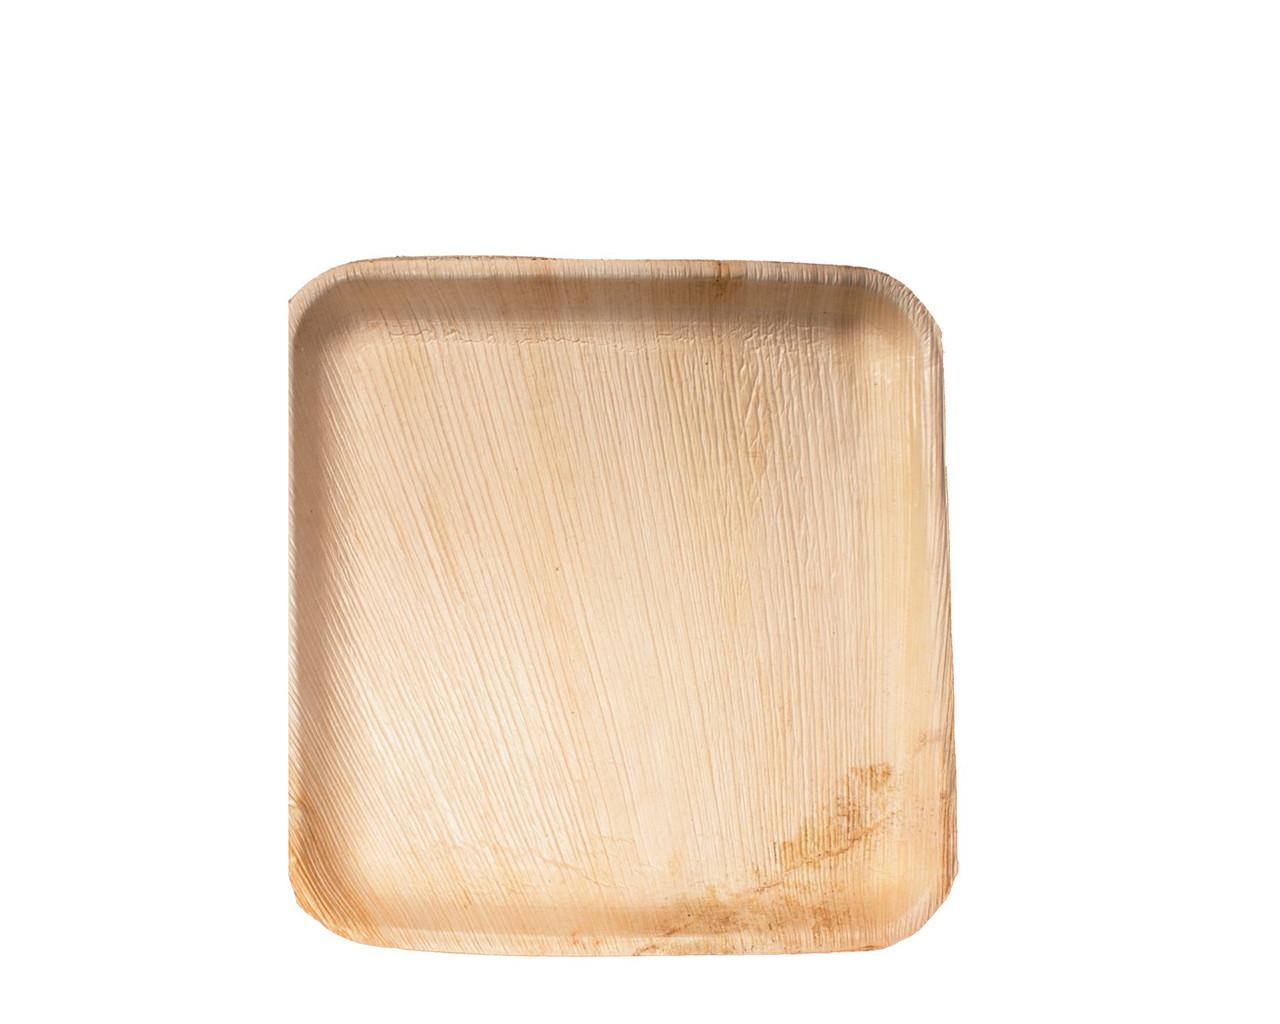 7x7 palm leaf plate